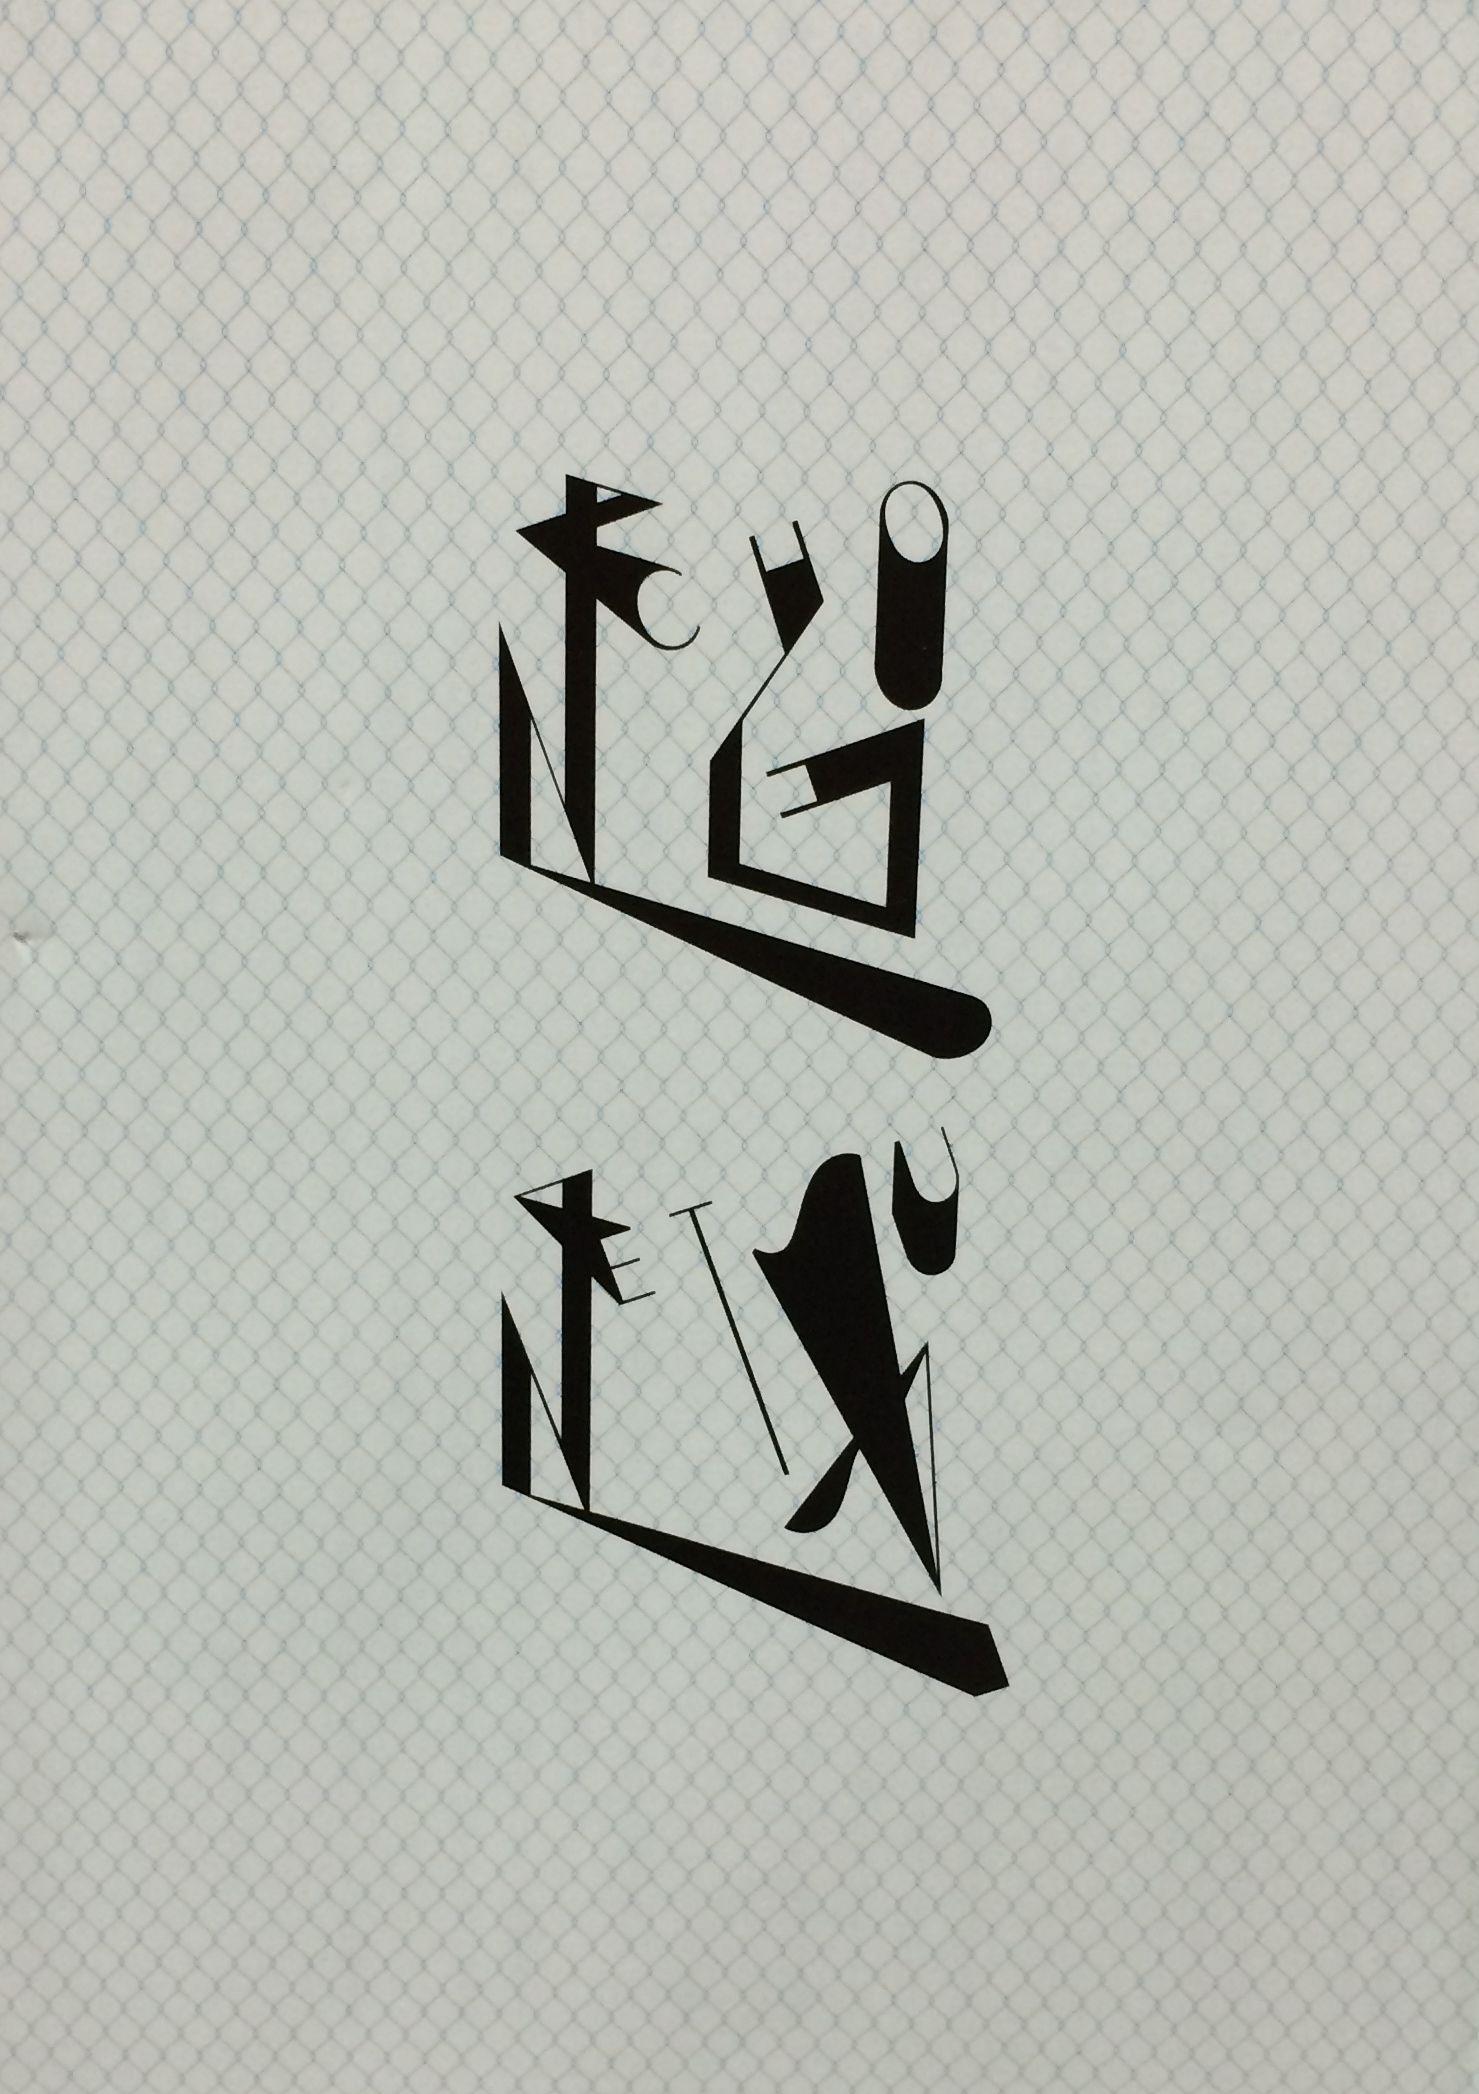 katsuhiko shibuya graphic design art inspiration graphic